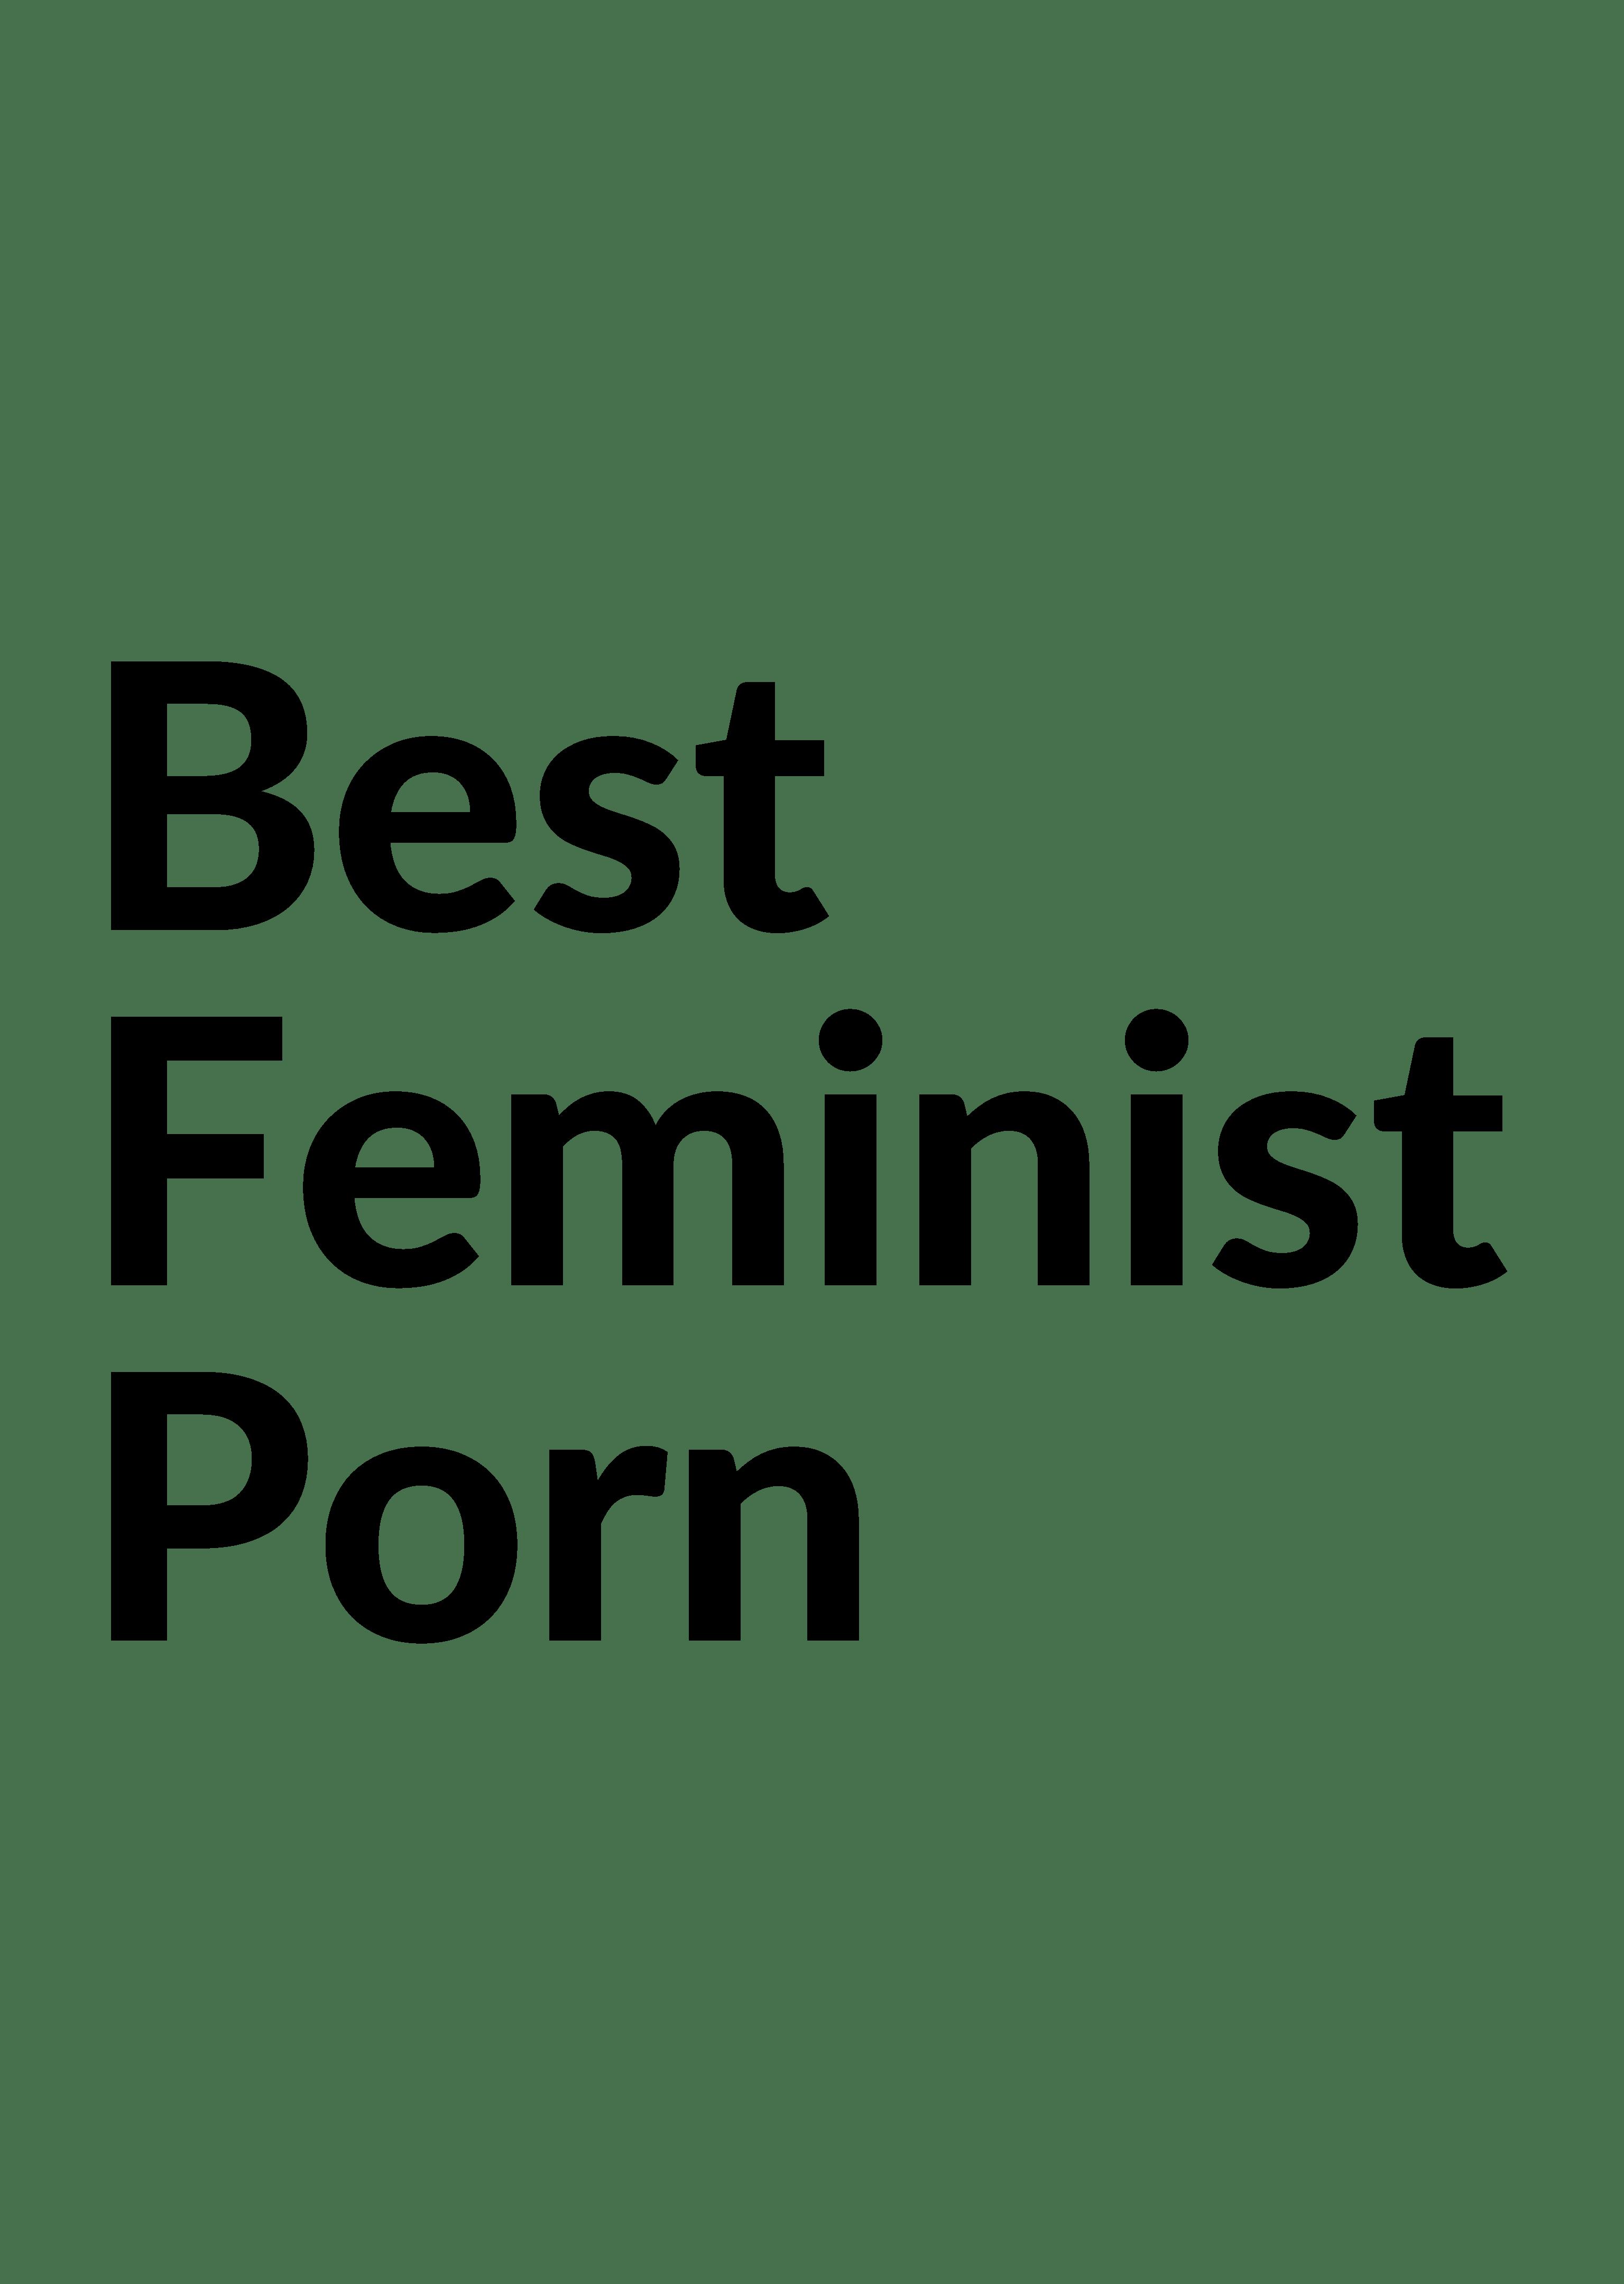 Best Feminist Porn